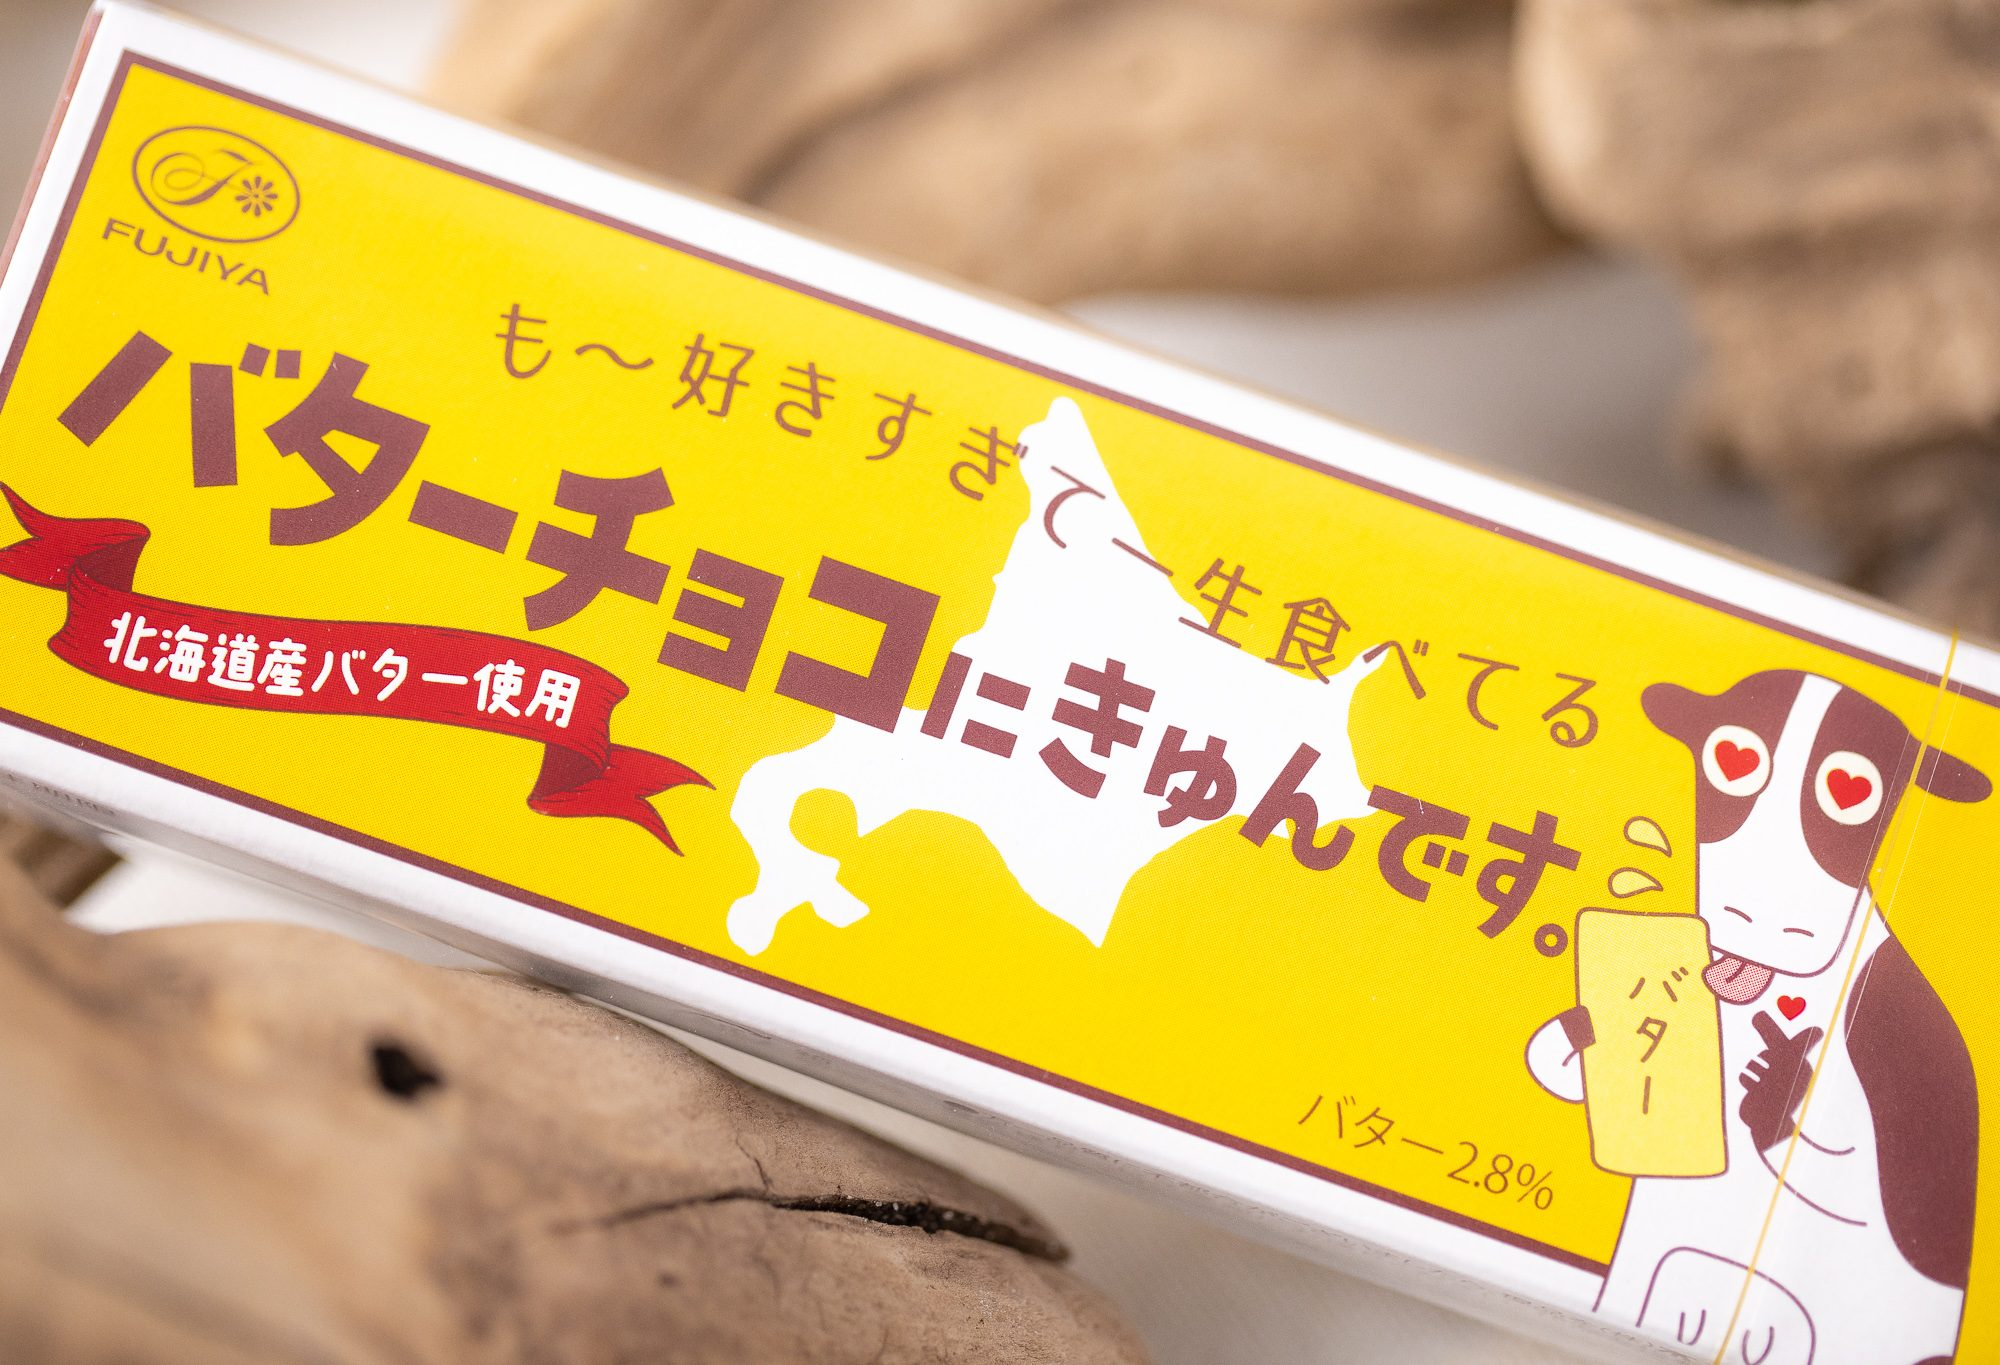 不二家『バターチョコにきゅんです。』は甘味・塩味に油分が襲う罪悪感を食べているかのような悪魔のバターチョコレート!